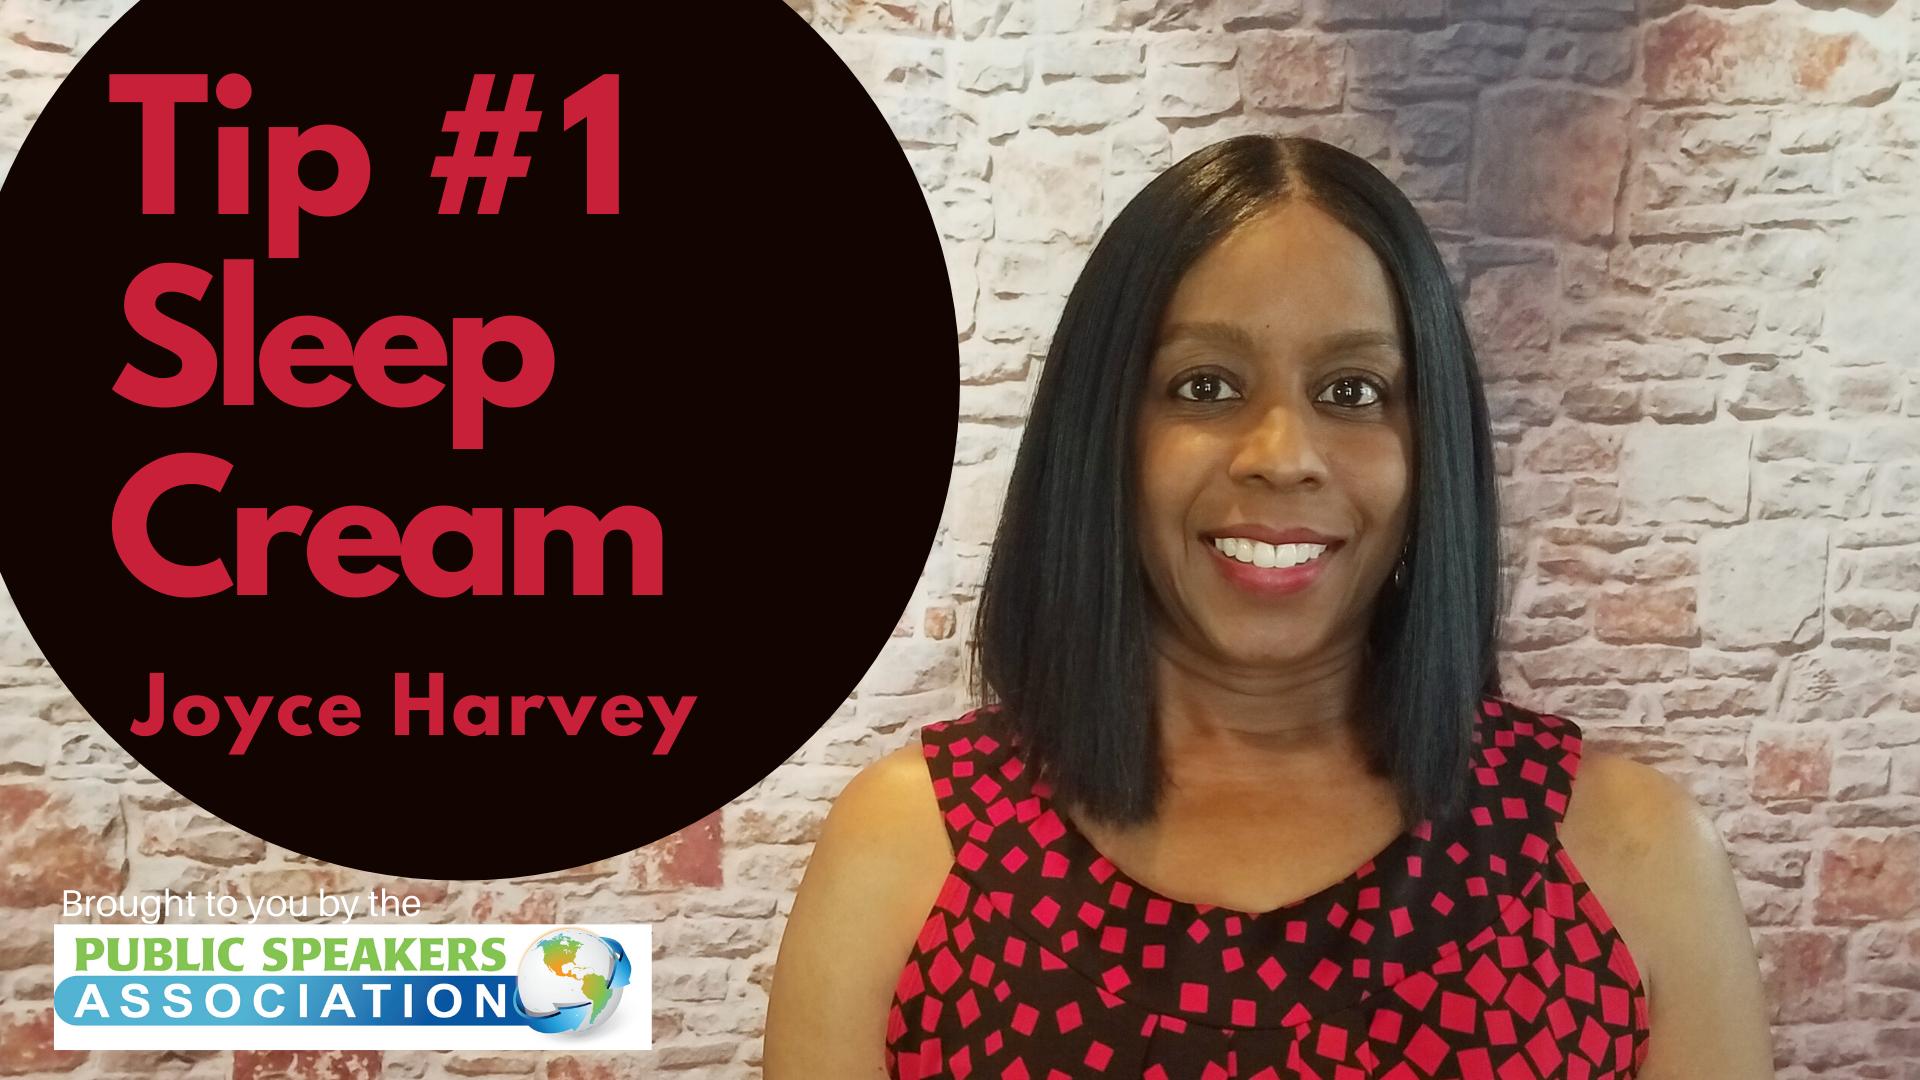 Joyce Harvey – Tip #1 Sleep Cream